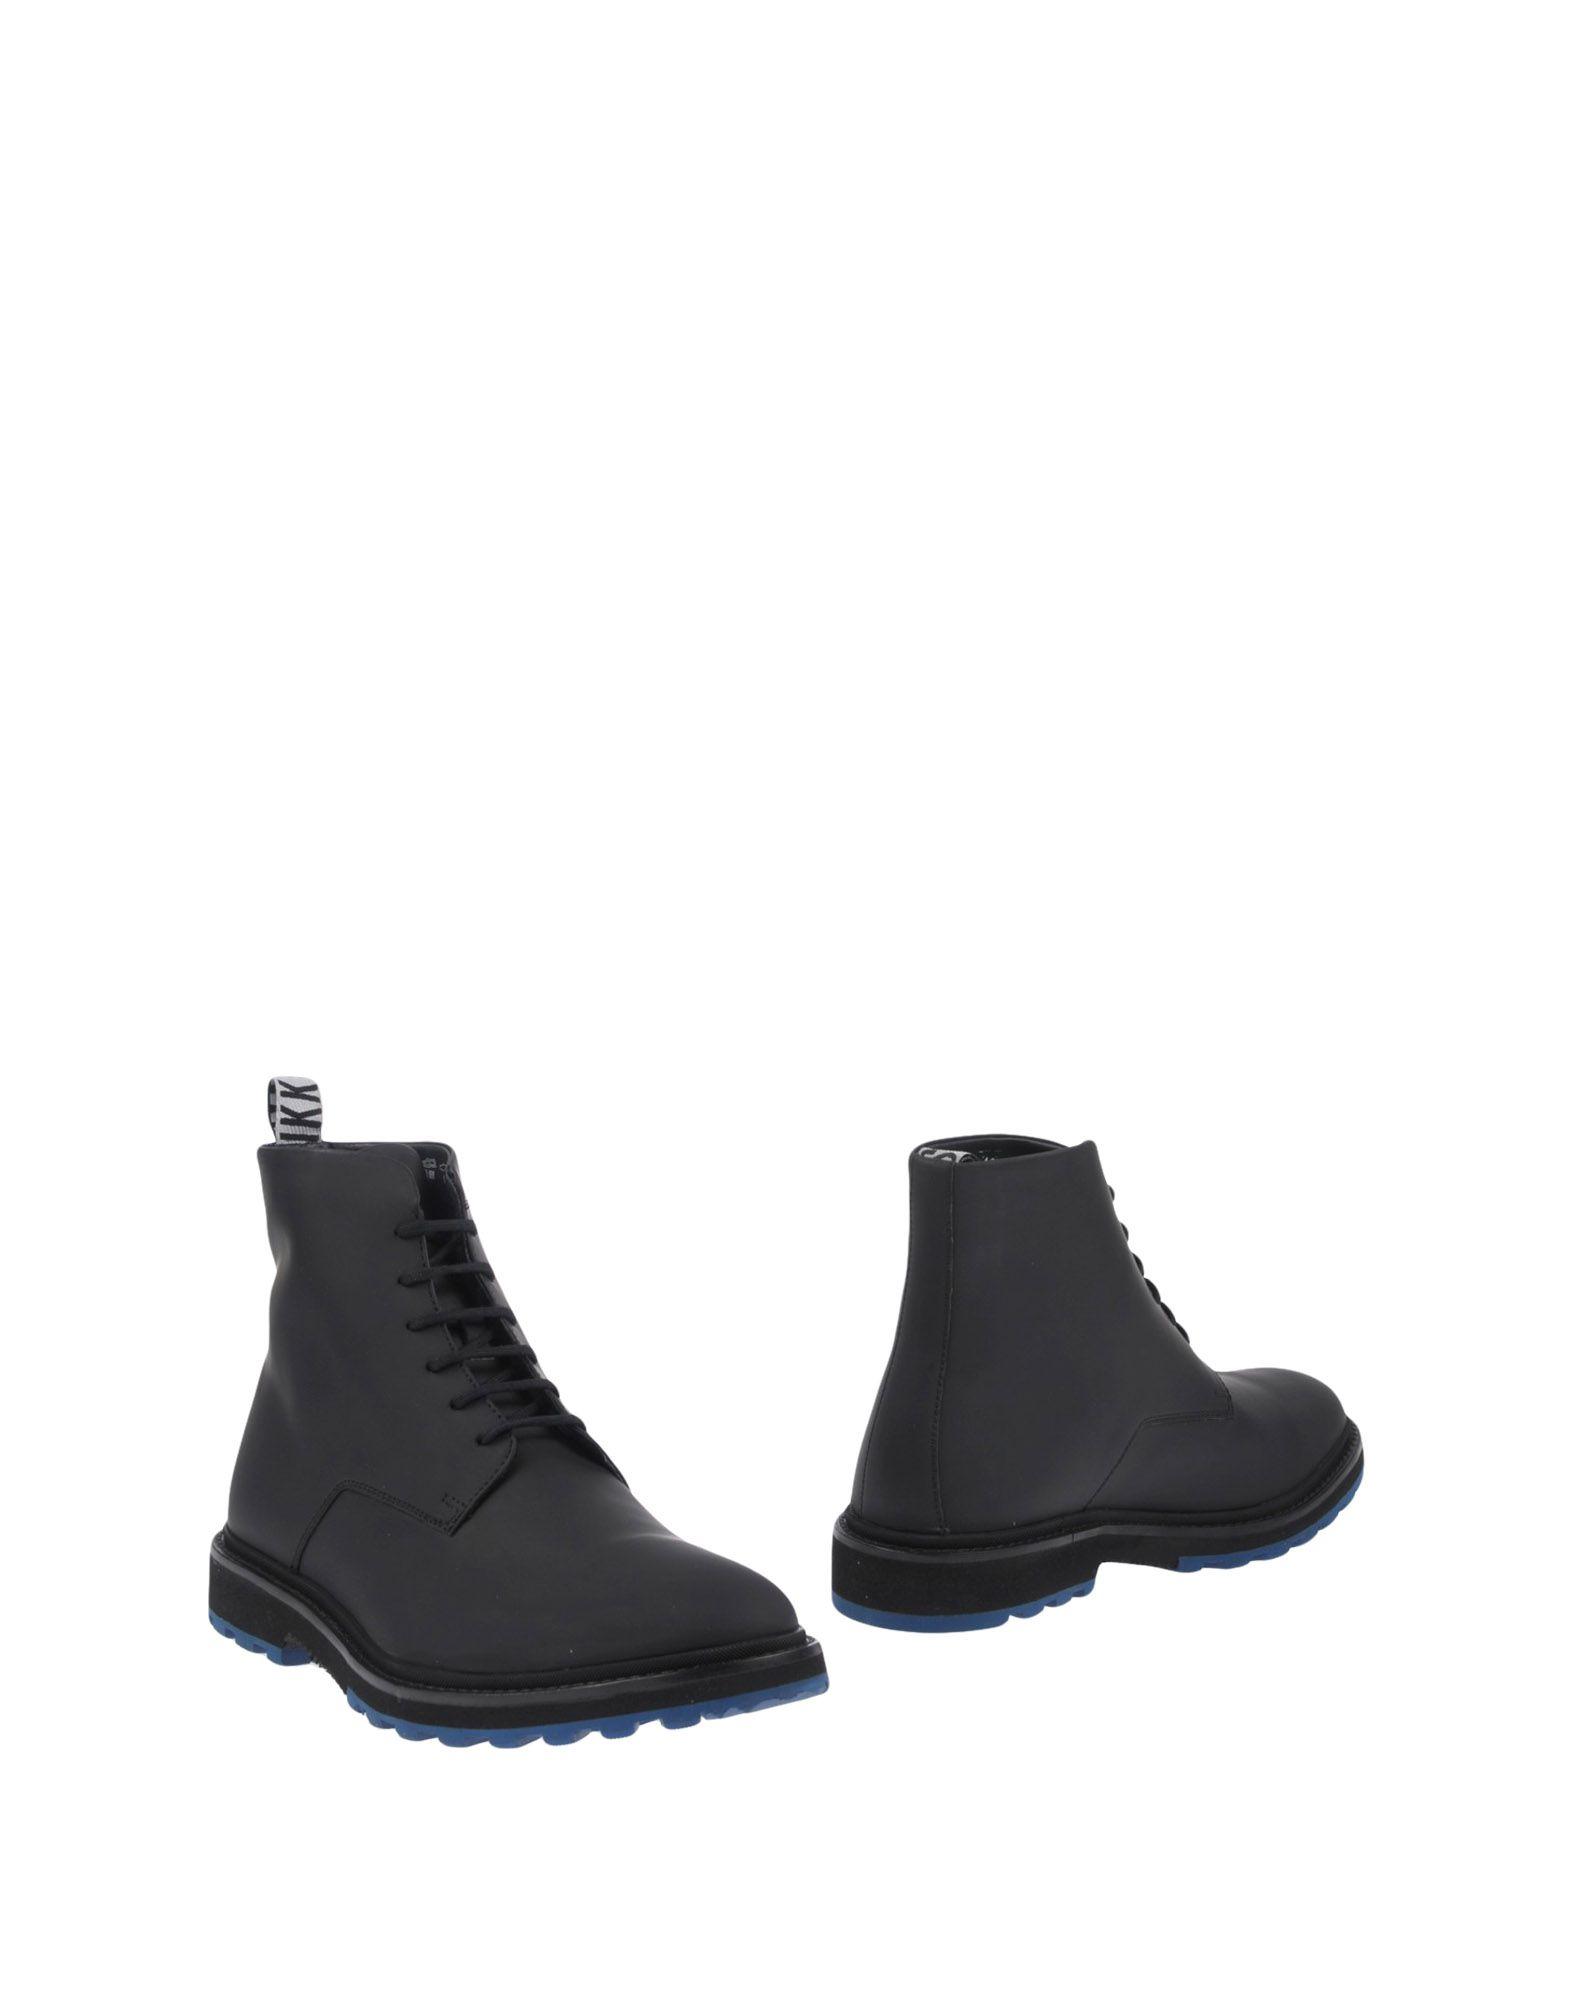 Bikkembergs Stiefelette Gute Herren  11450672KX Gute Stiefelette Qualität beliebte Schuhe 33d23b